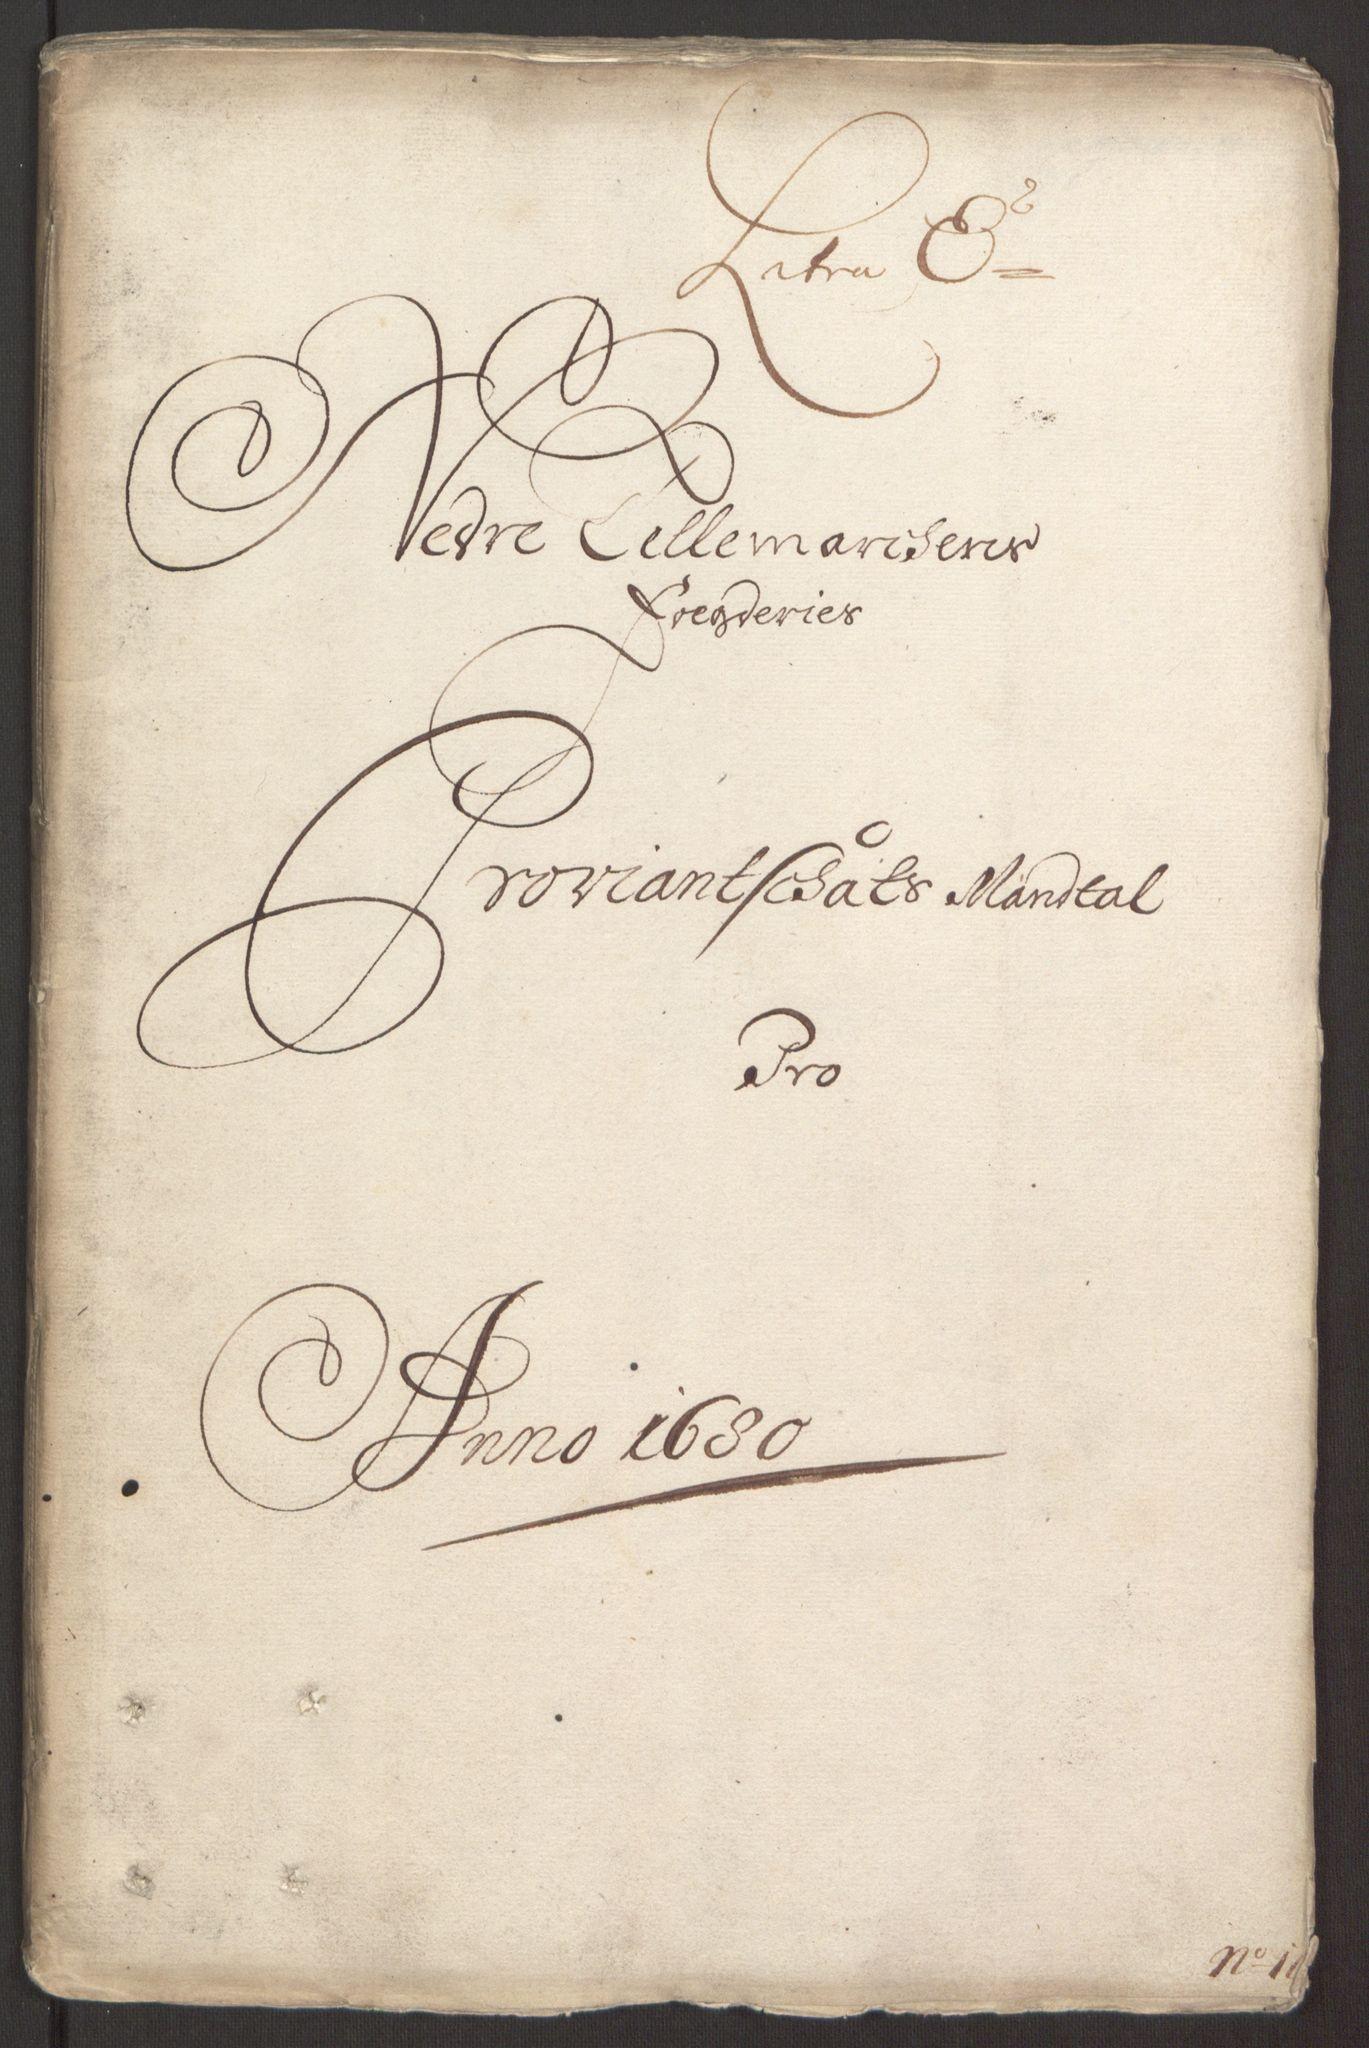 RA, Rentekammeret inntil 1814, Reviderte regnskaper, Fogderegnskap, R35/L2075: Fogderegnskap Øvre og Nedre Telemark, 1680-1684, s. 222